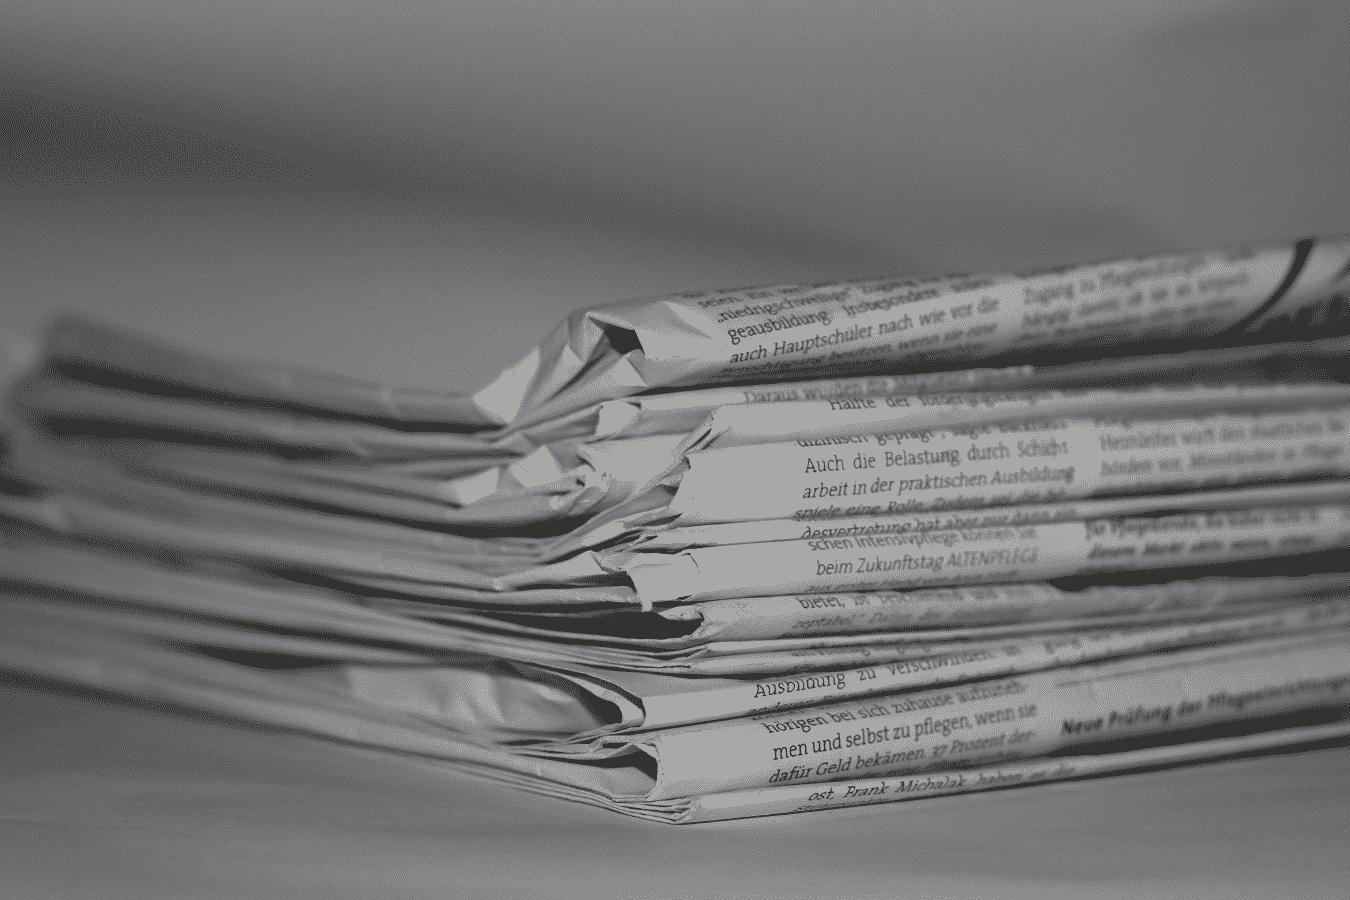 Nachrichten filtern